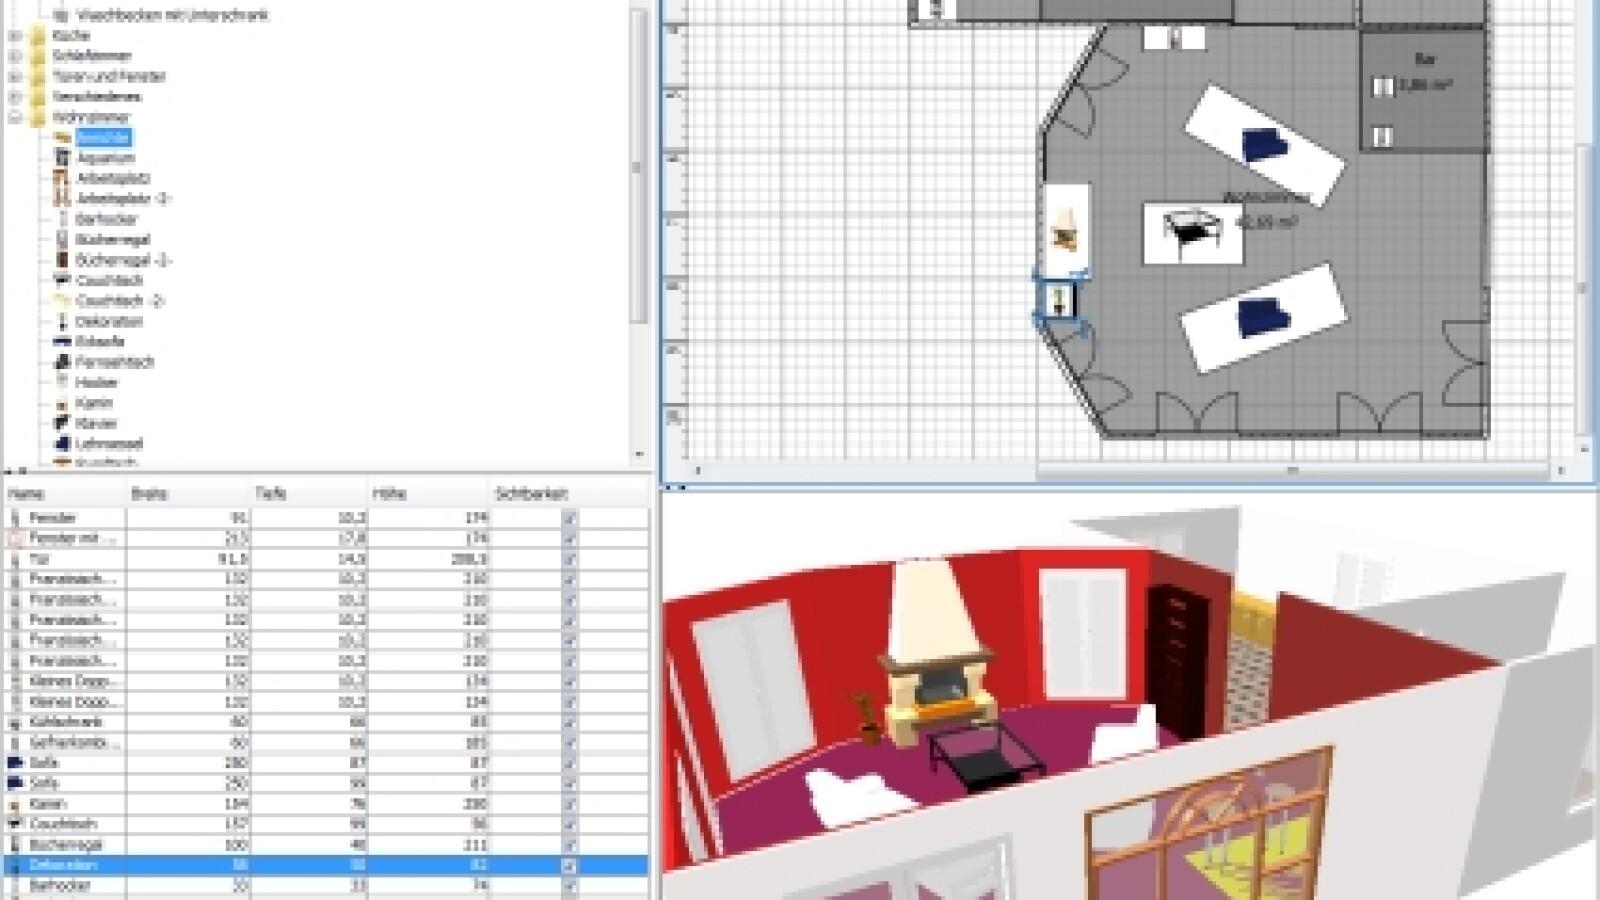 anleitungen grundriss einf gen netzwelt. Black Bedroom Furniture Sets. Home Design Ideas